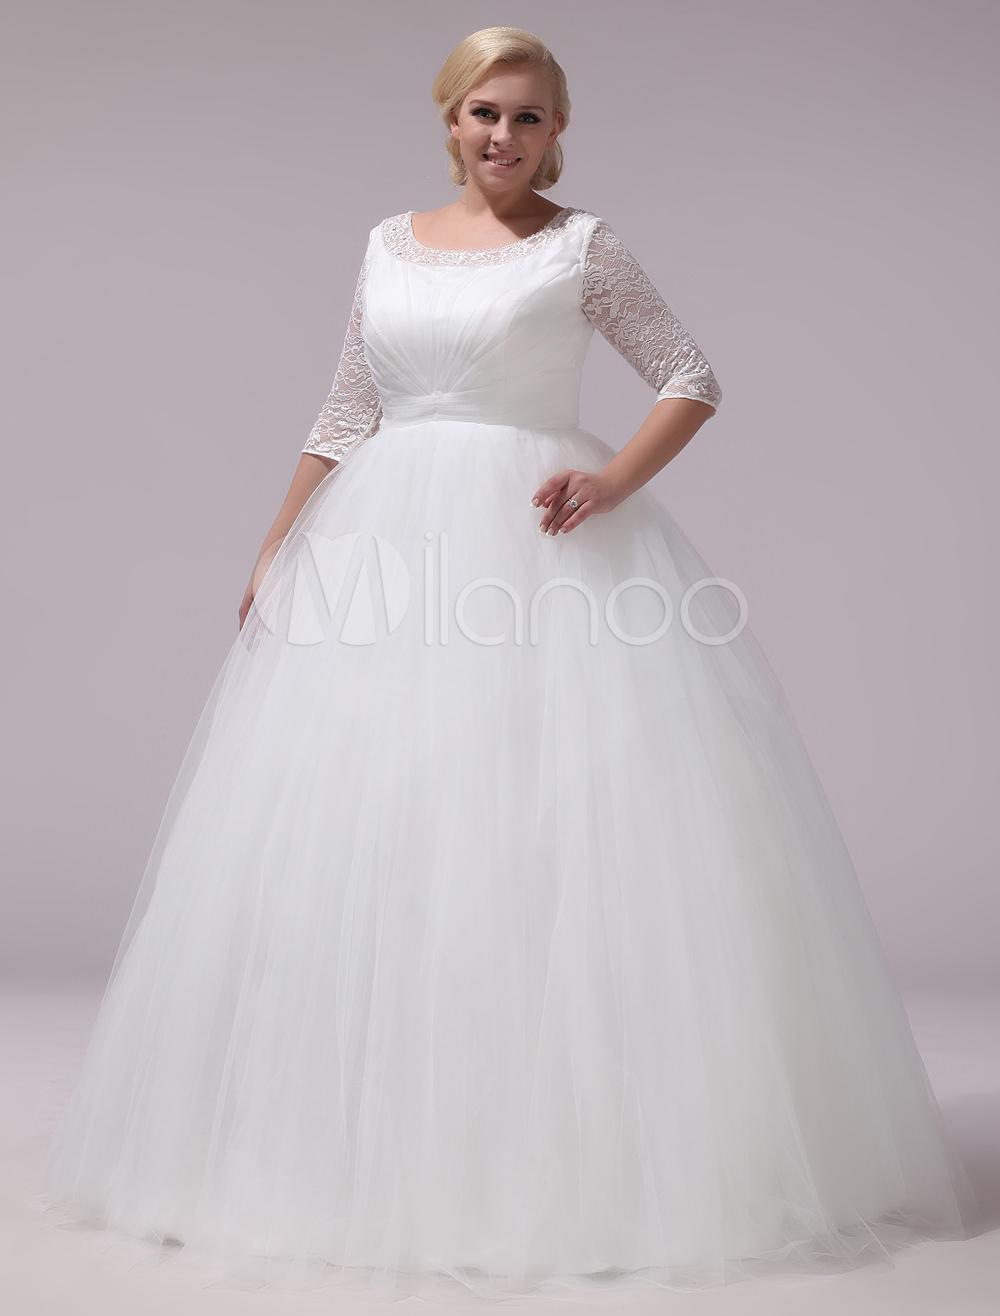 Robe de mari e grandes tailles robe de mari e grandes for Taille plus mariage dresse